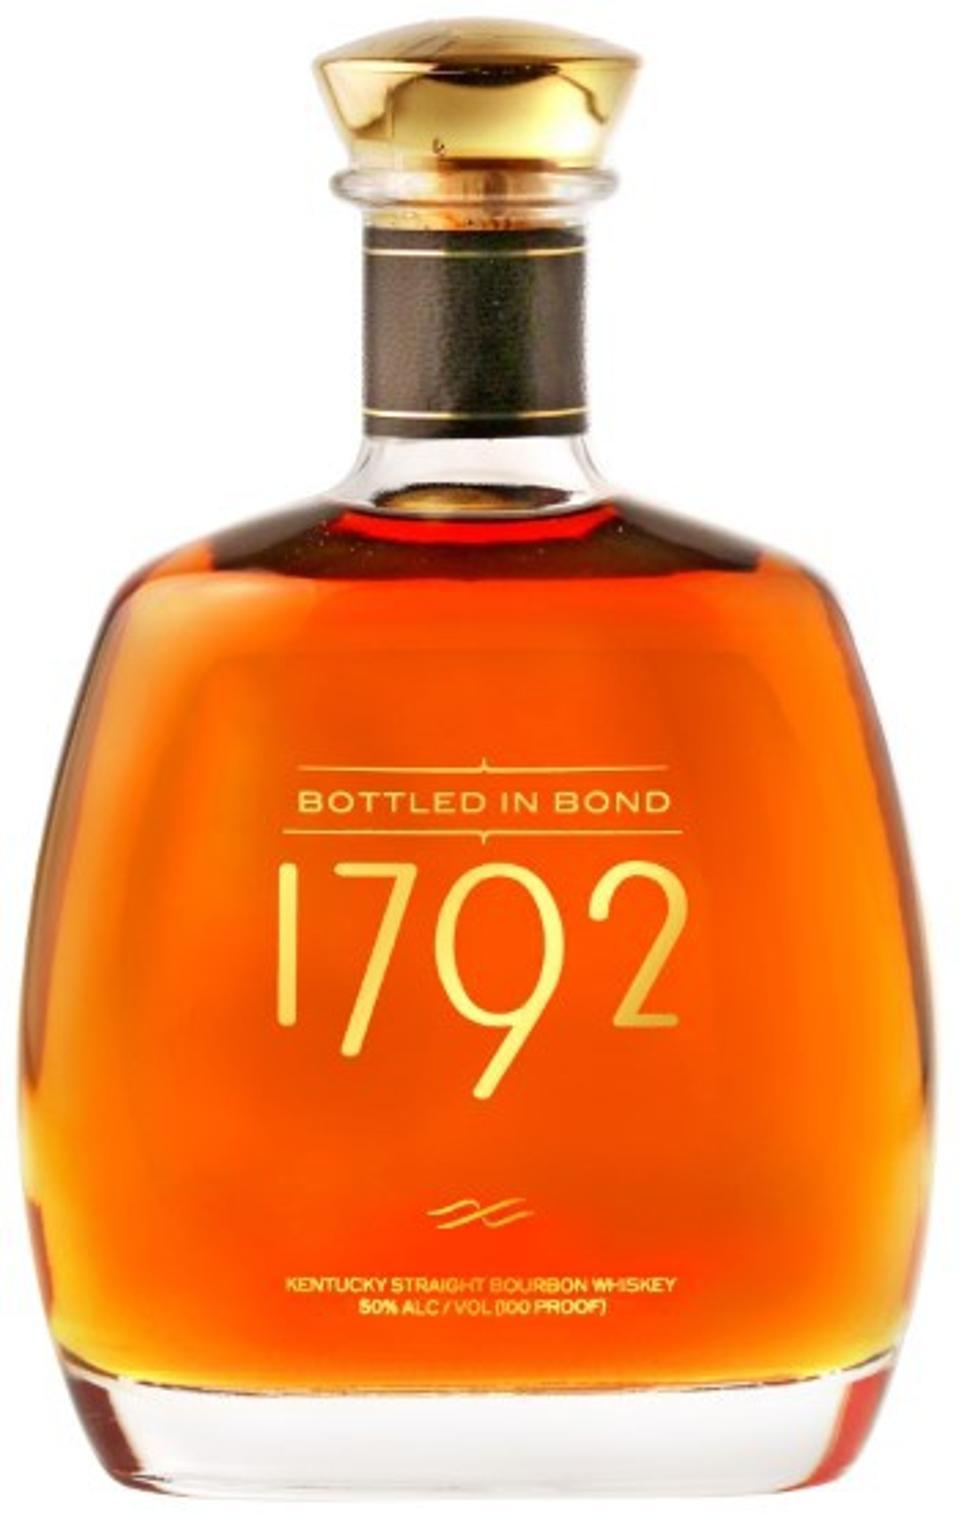 Sazerac, 1792, Bottled in Bond, Kentucky Straight Bourbon